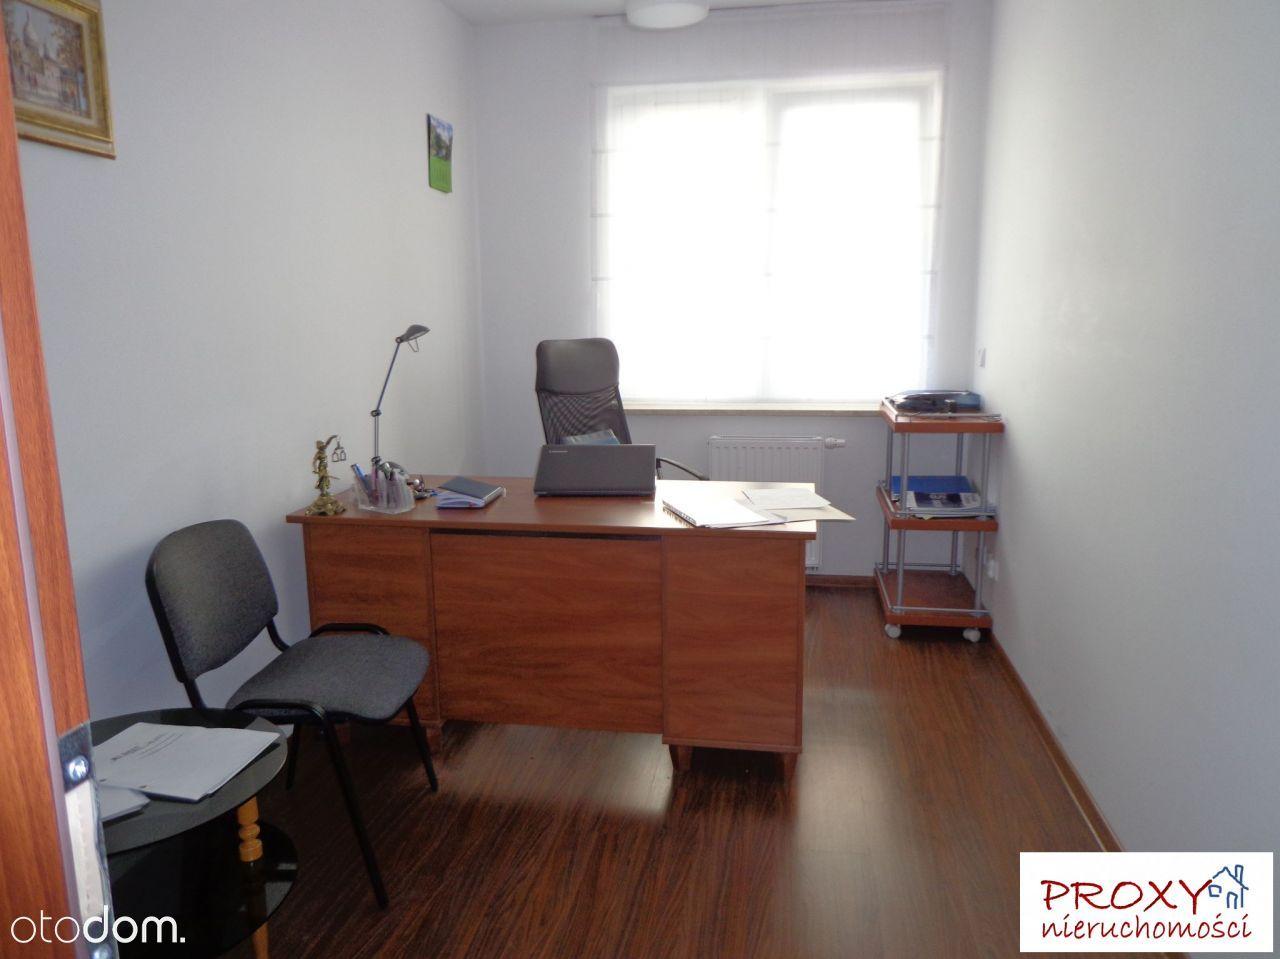 Mieszkanie na sprzedaż, Toruń, Jakubskie Przedmieście - Foto 6